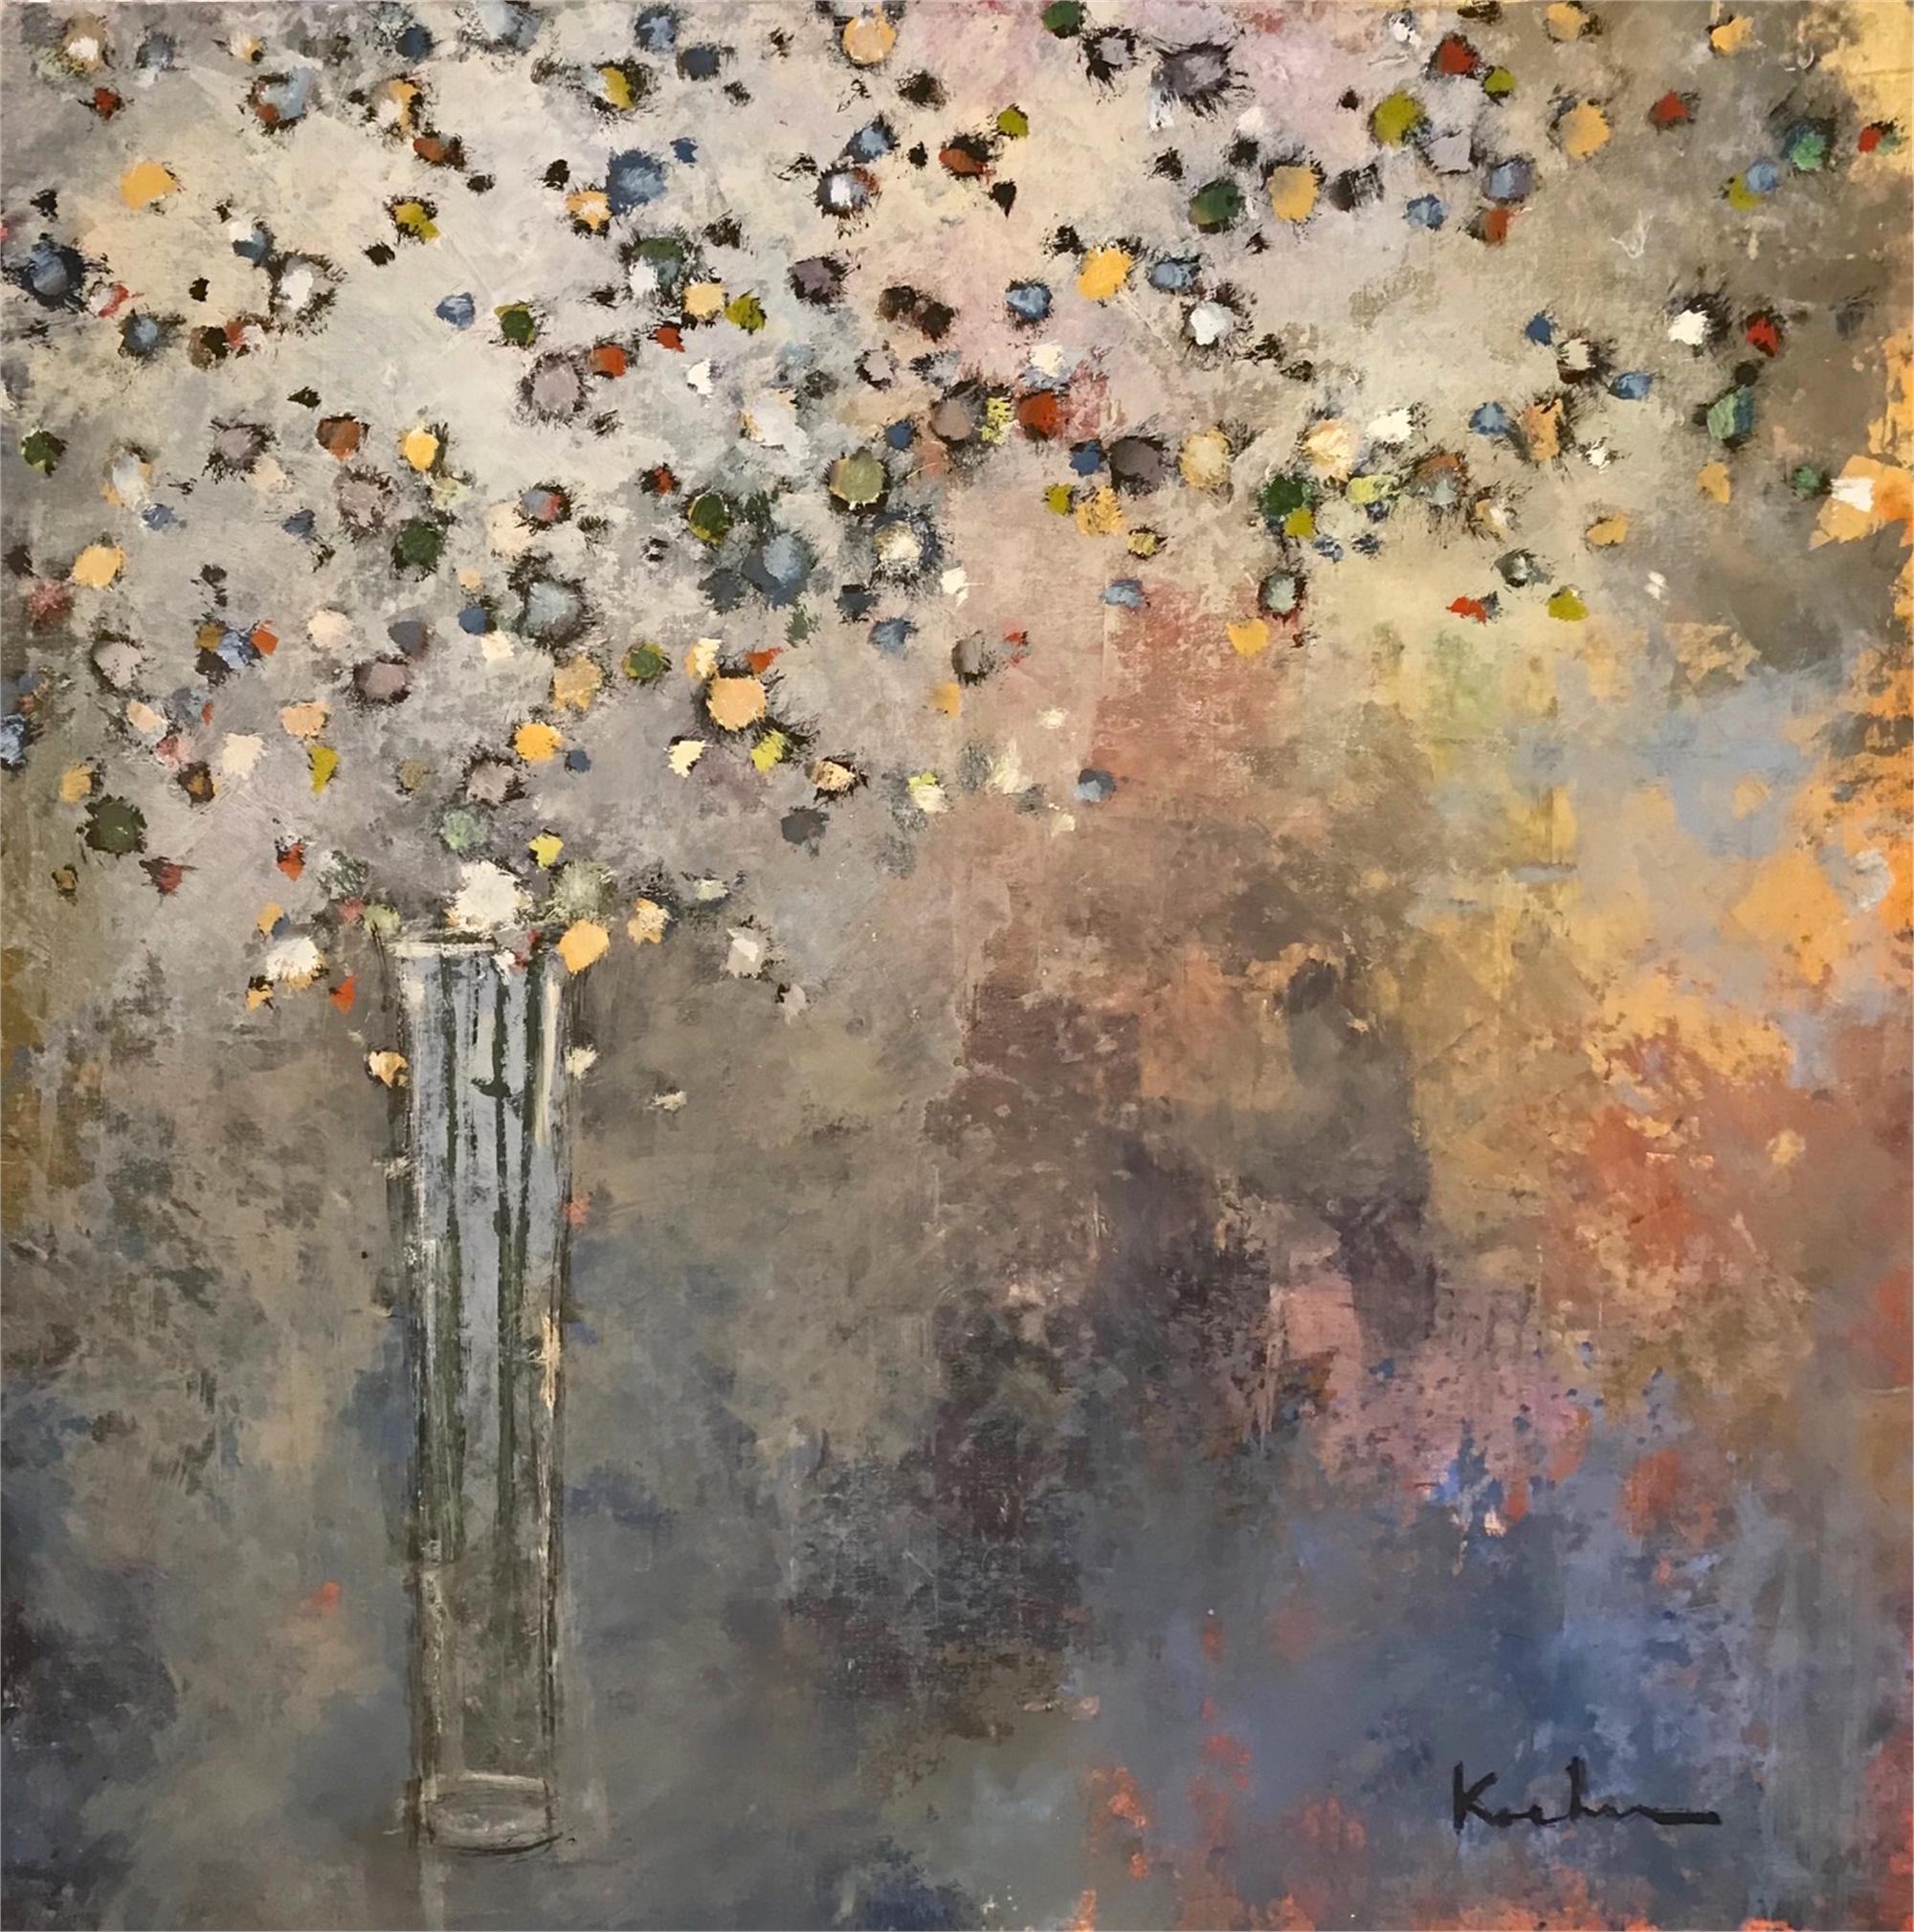 It Warms the Soul by Jeff Koehn